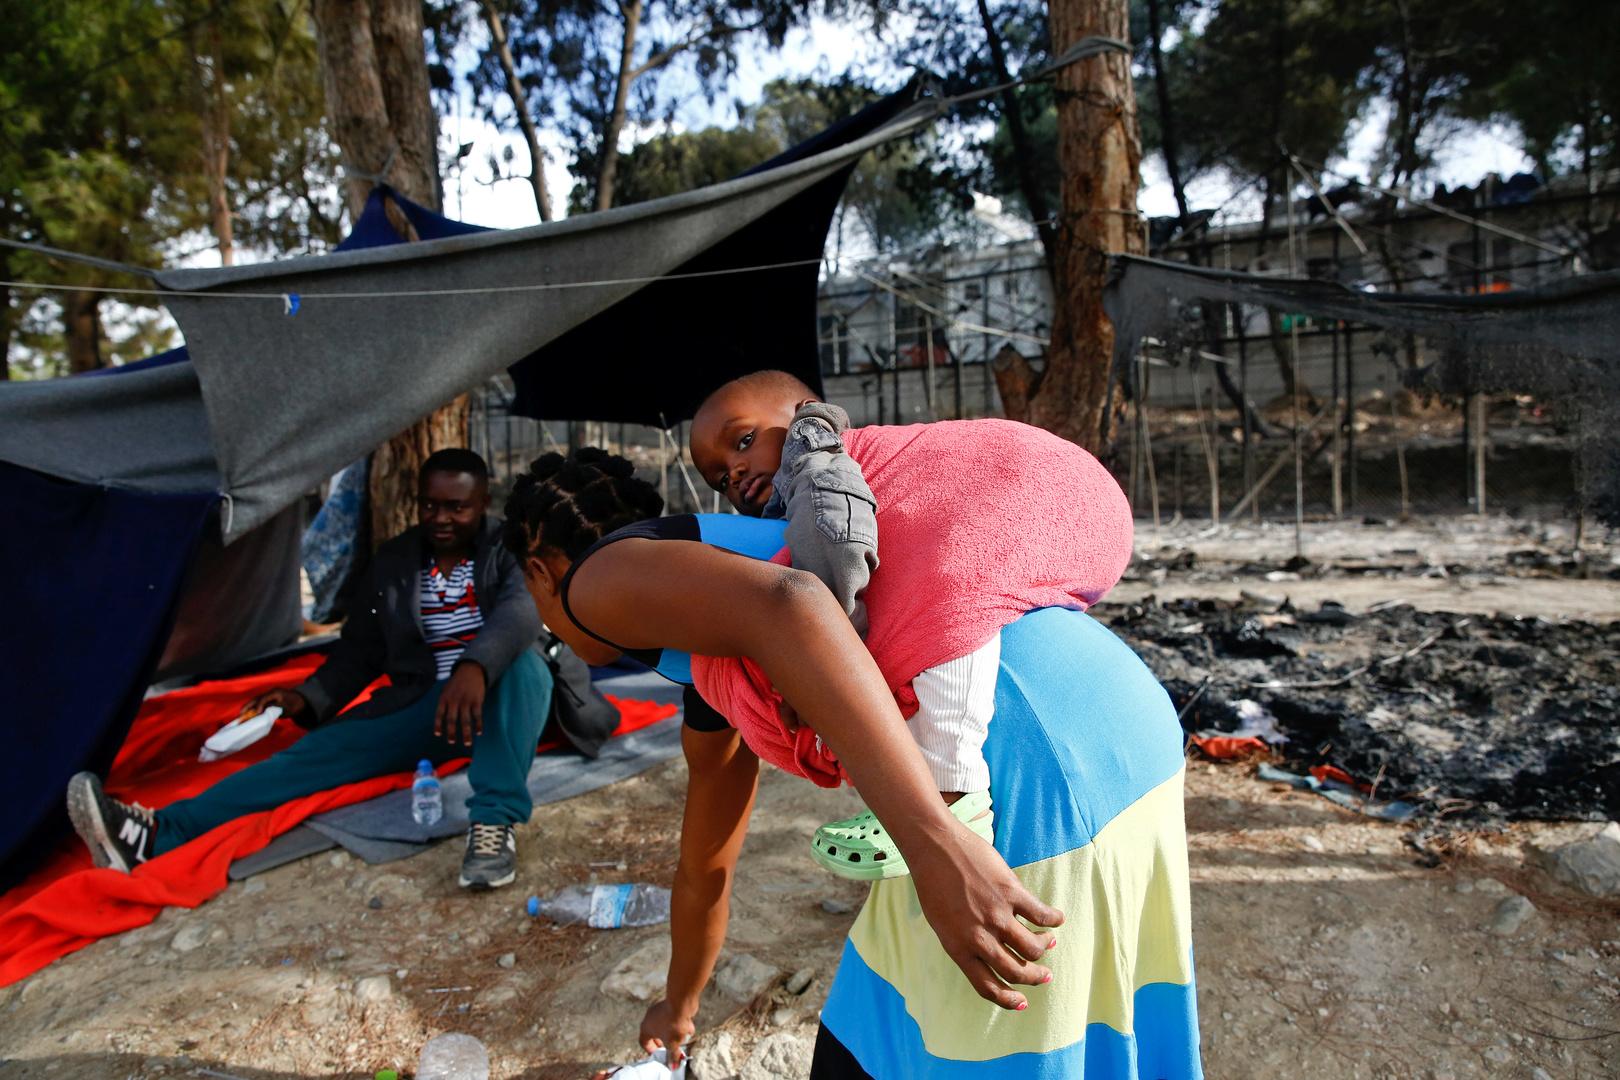 Eine Migrantin trägt ein Baby bei sich, als sie neben den Überresten eines abgebrannten Zeltes im Migrantenlager Moria steht, nachdem ein Feuer auf der Insel Lesbos, Griechenland, bei Gewalttätigkeiten unter den Bewohnern Zelte zerrissen und Container zerstört hatte. 20. September 2016.